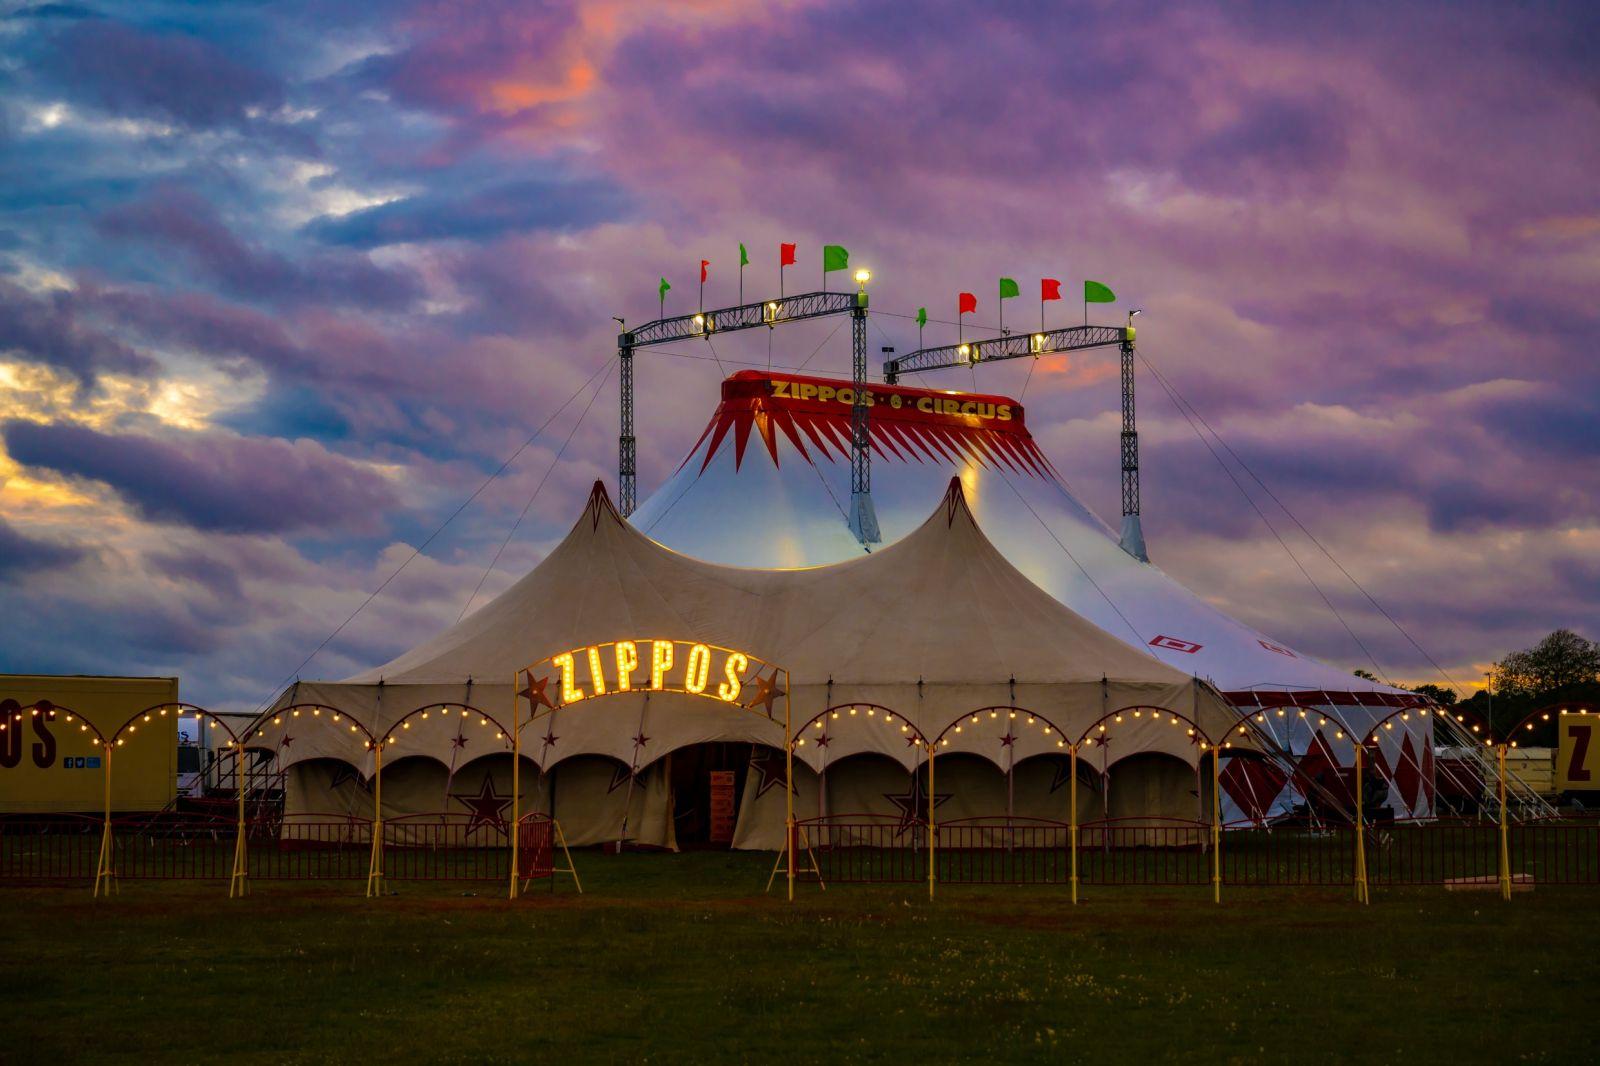 Zippos Circus Big Top at Night. Photographer credit: Piet-Hein Out